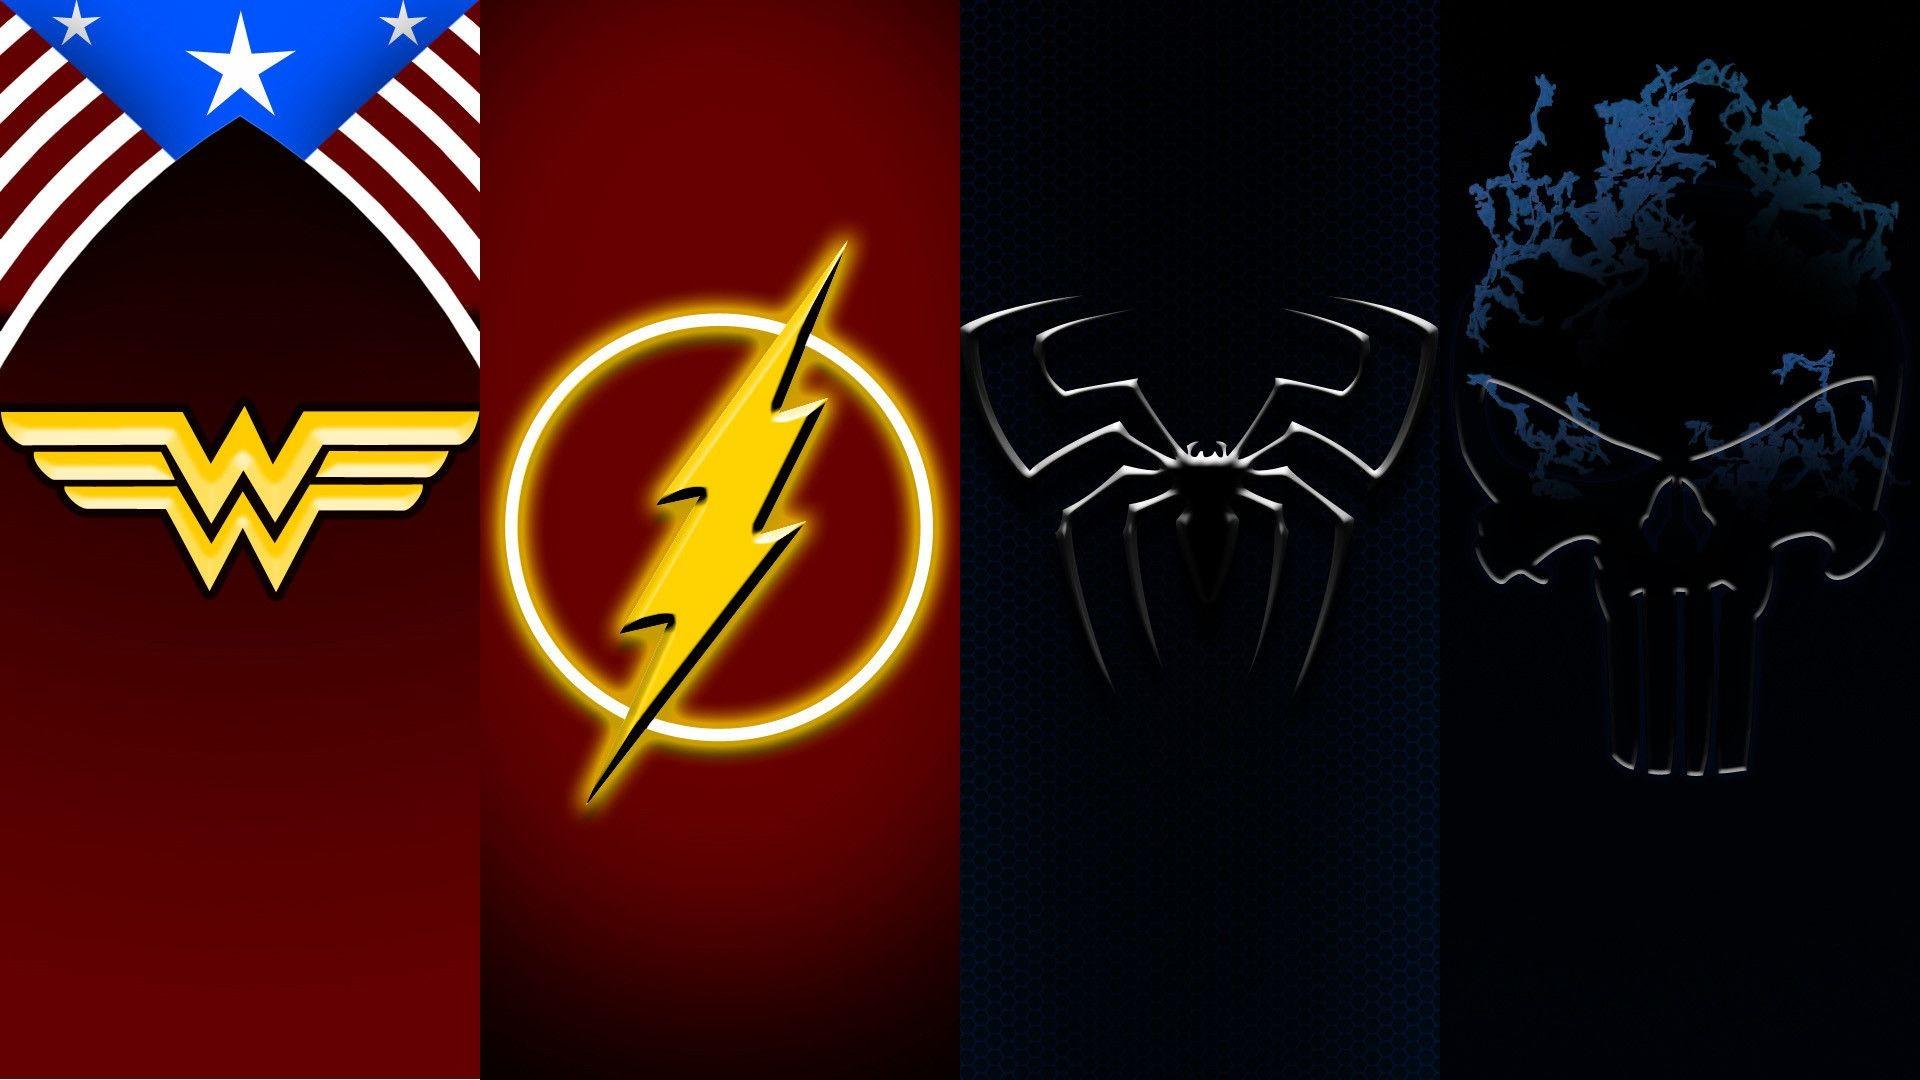 Wonder Woman Logo Wallpaper 183 ①